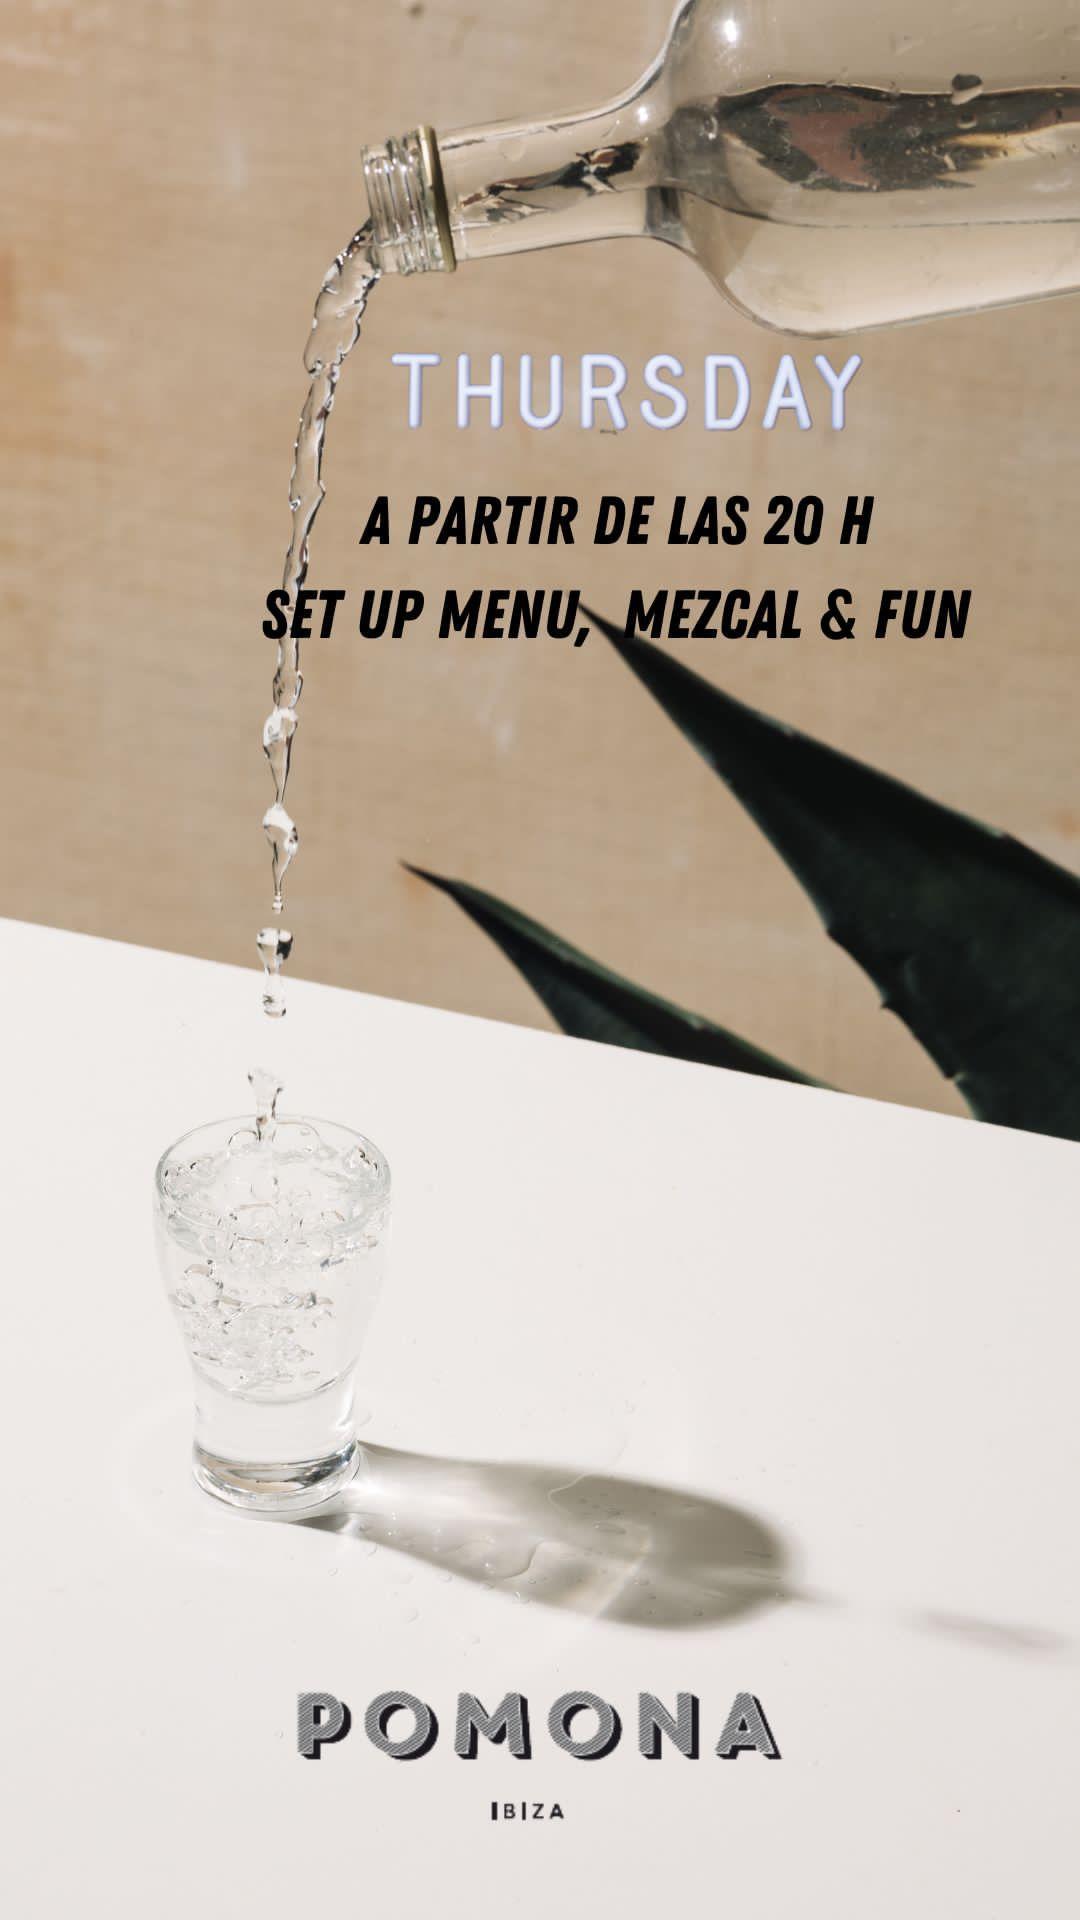 pomona, mezcal